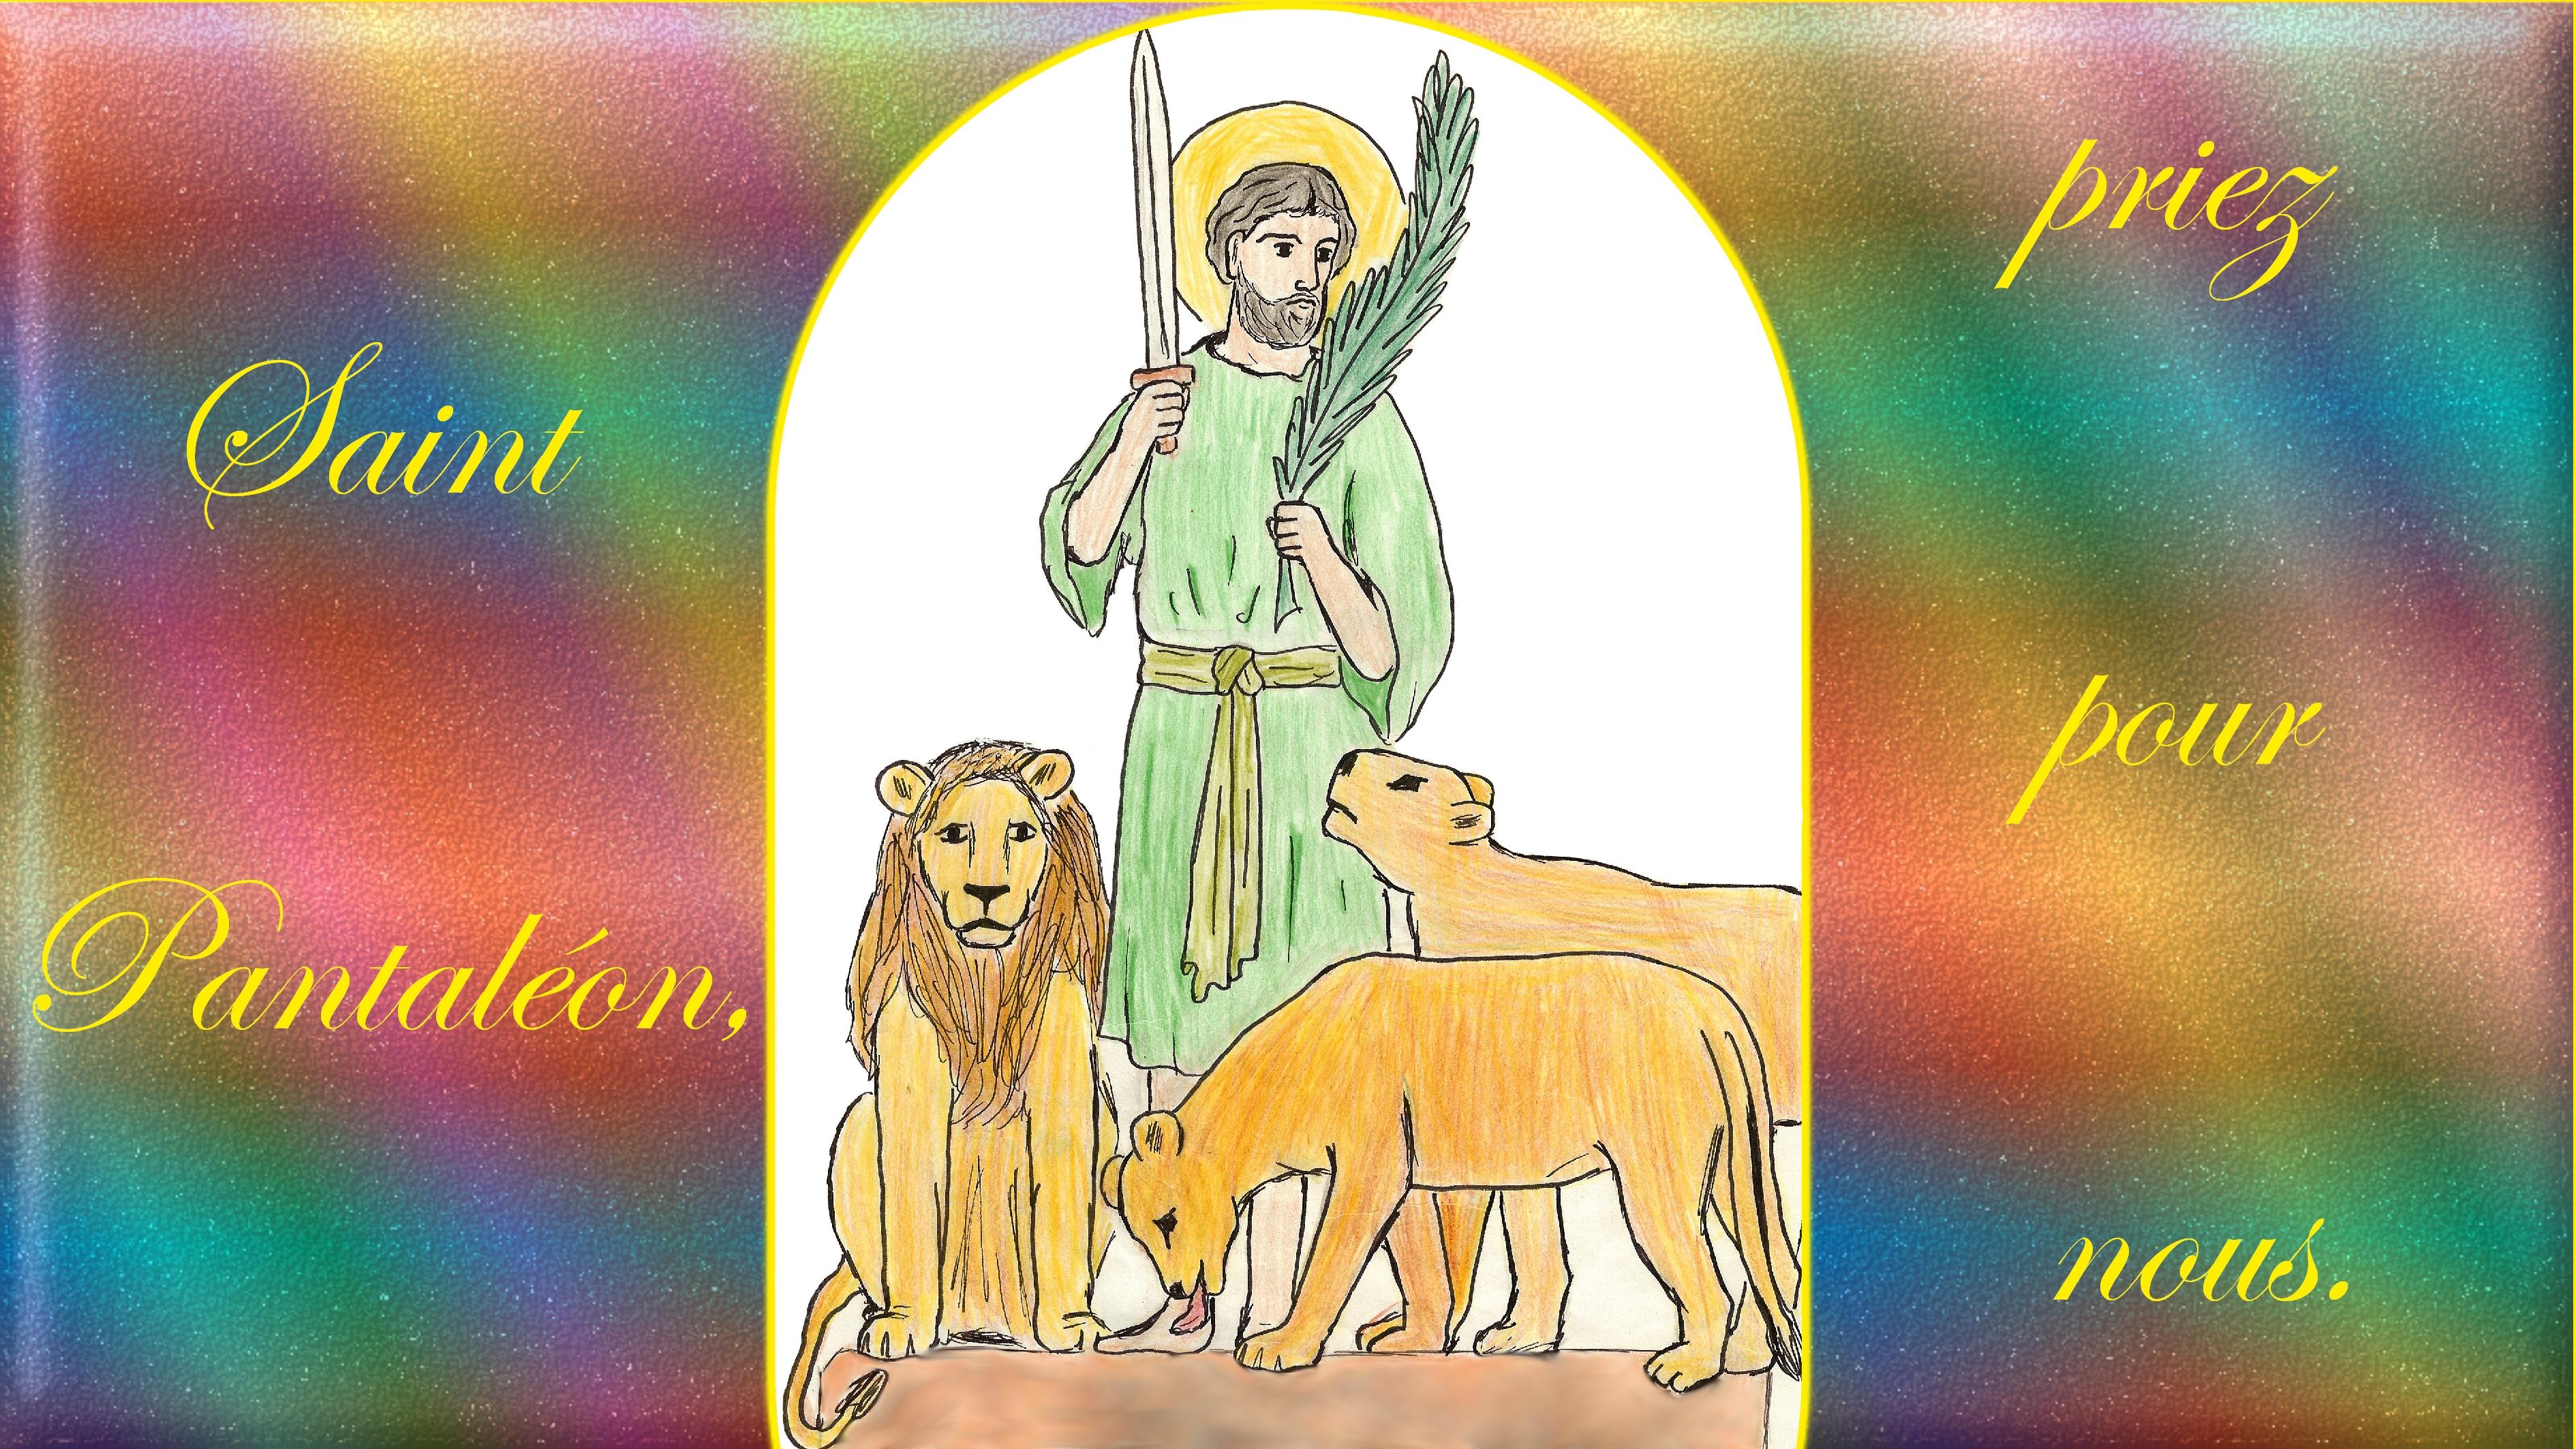 CALENDRIER CATHOLIQUE 2020 (Cantiques, Prières & Images) - Page 21 St-pantal-on-5796778